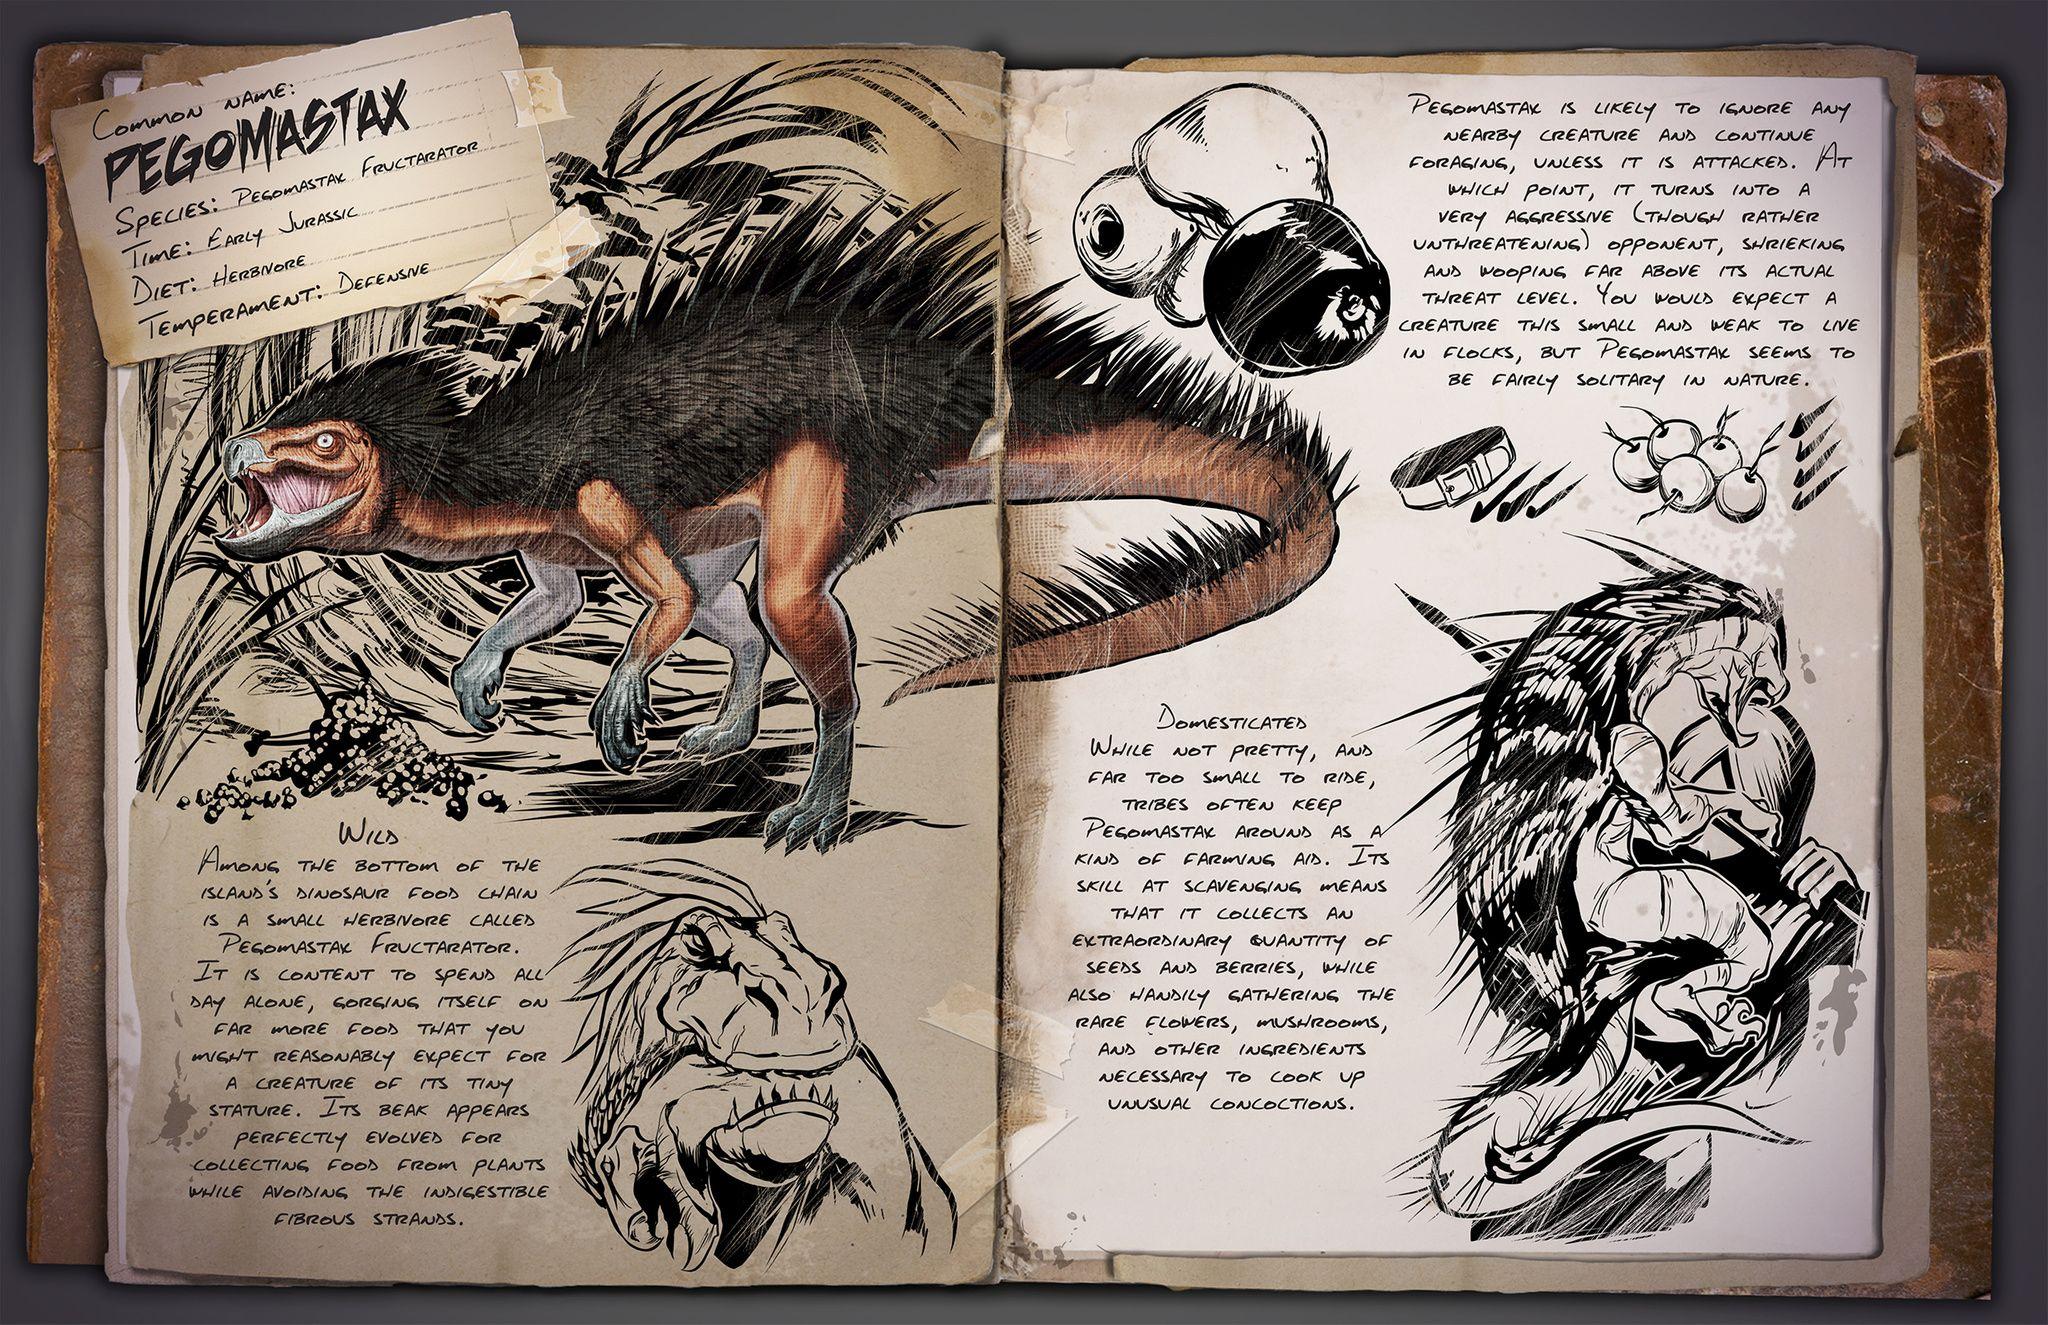 картинки досье динозавров из арк этом